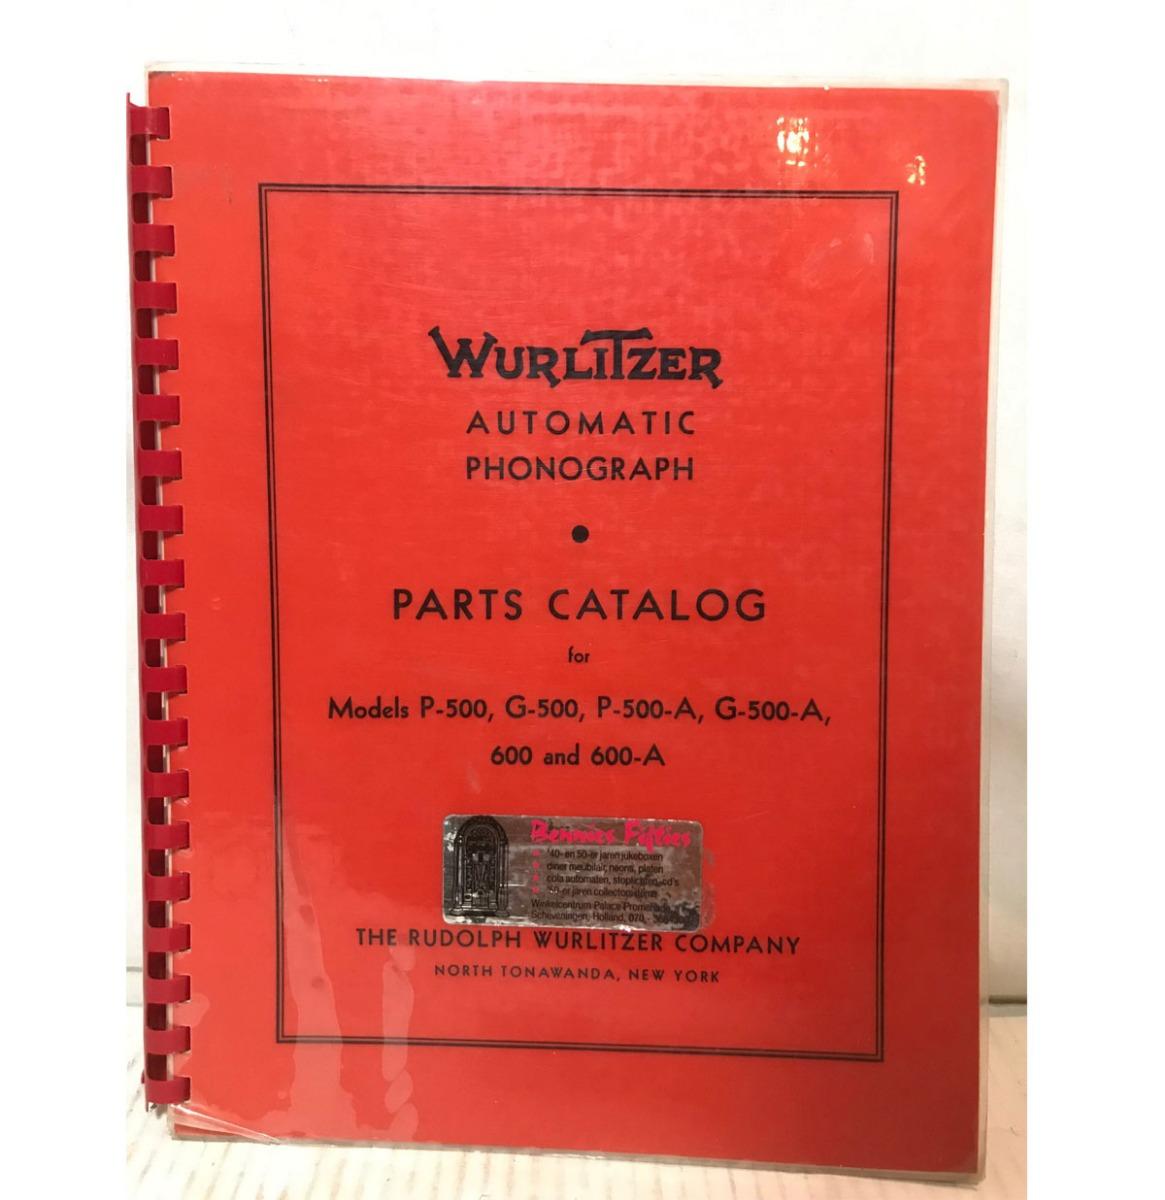 Wurlitzer 500/600 Jukebox Models Parts Catalog